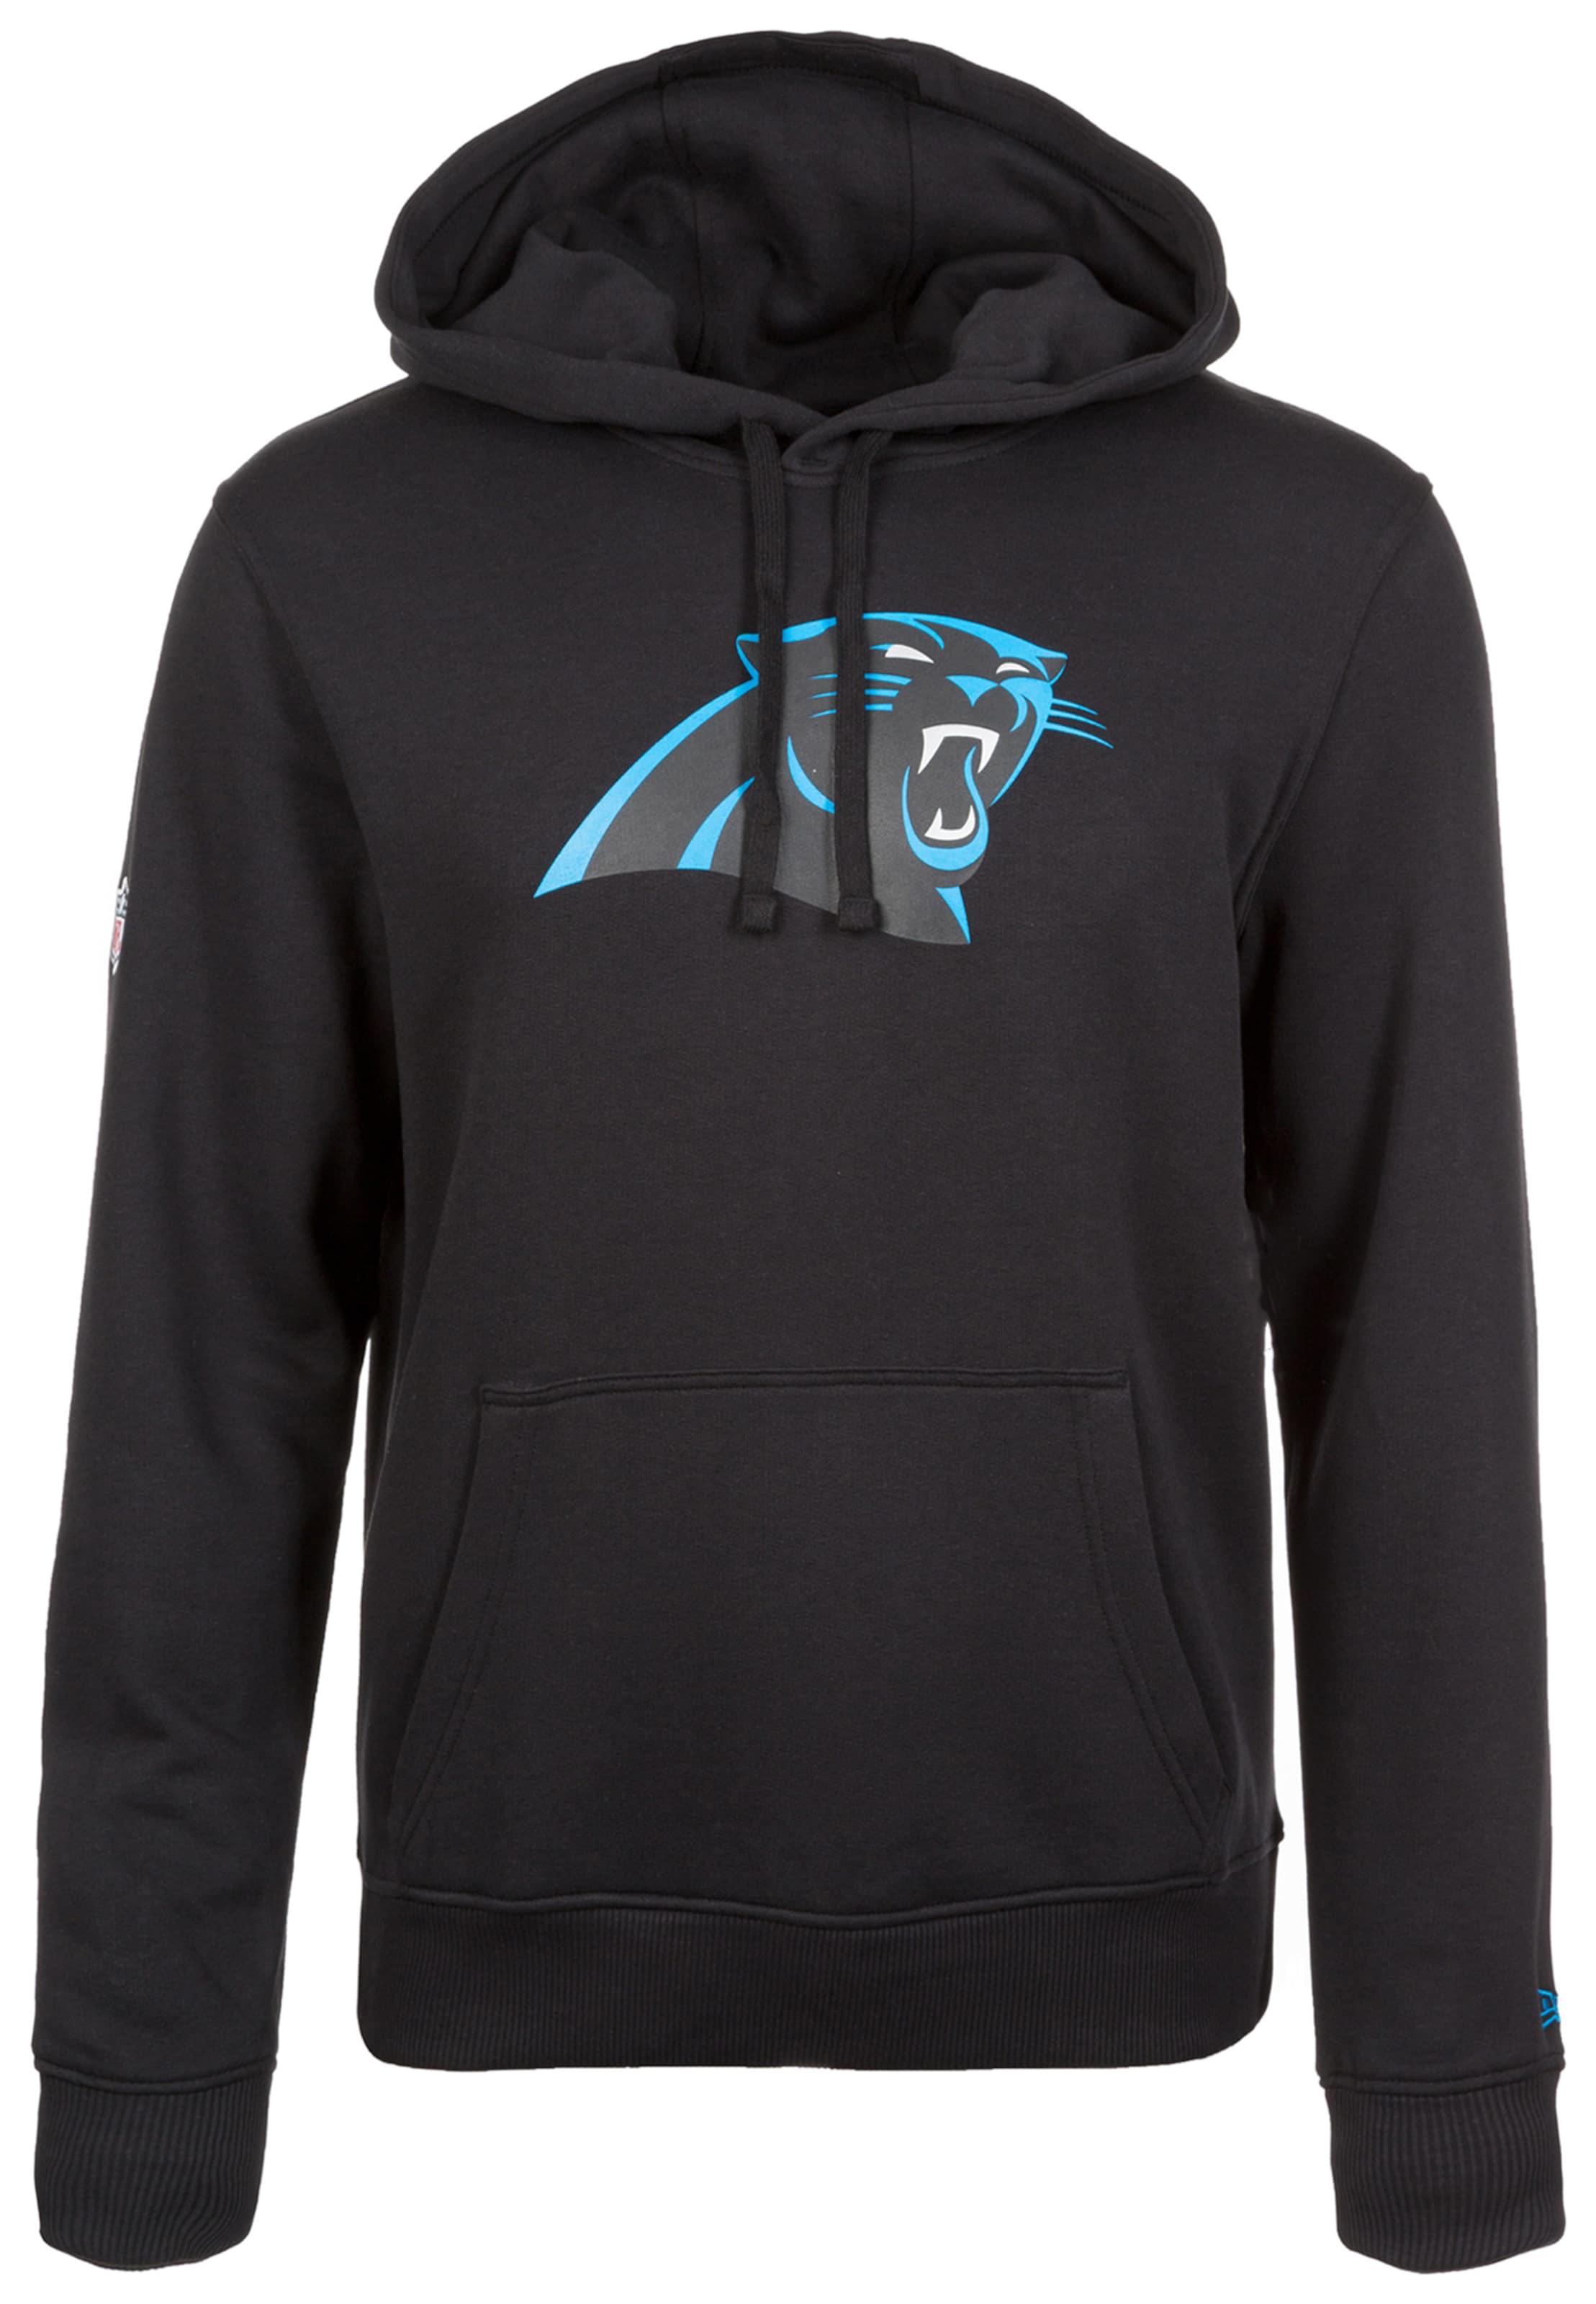 AquaSchwarz 'nfl Sweatshirt Panthers' Era In Carolina New bYgf7v6y